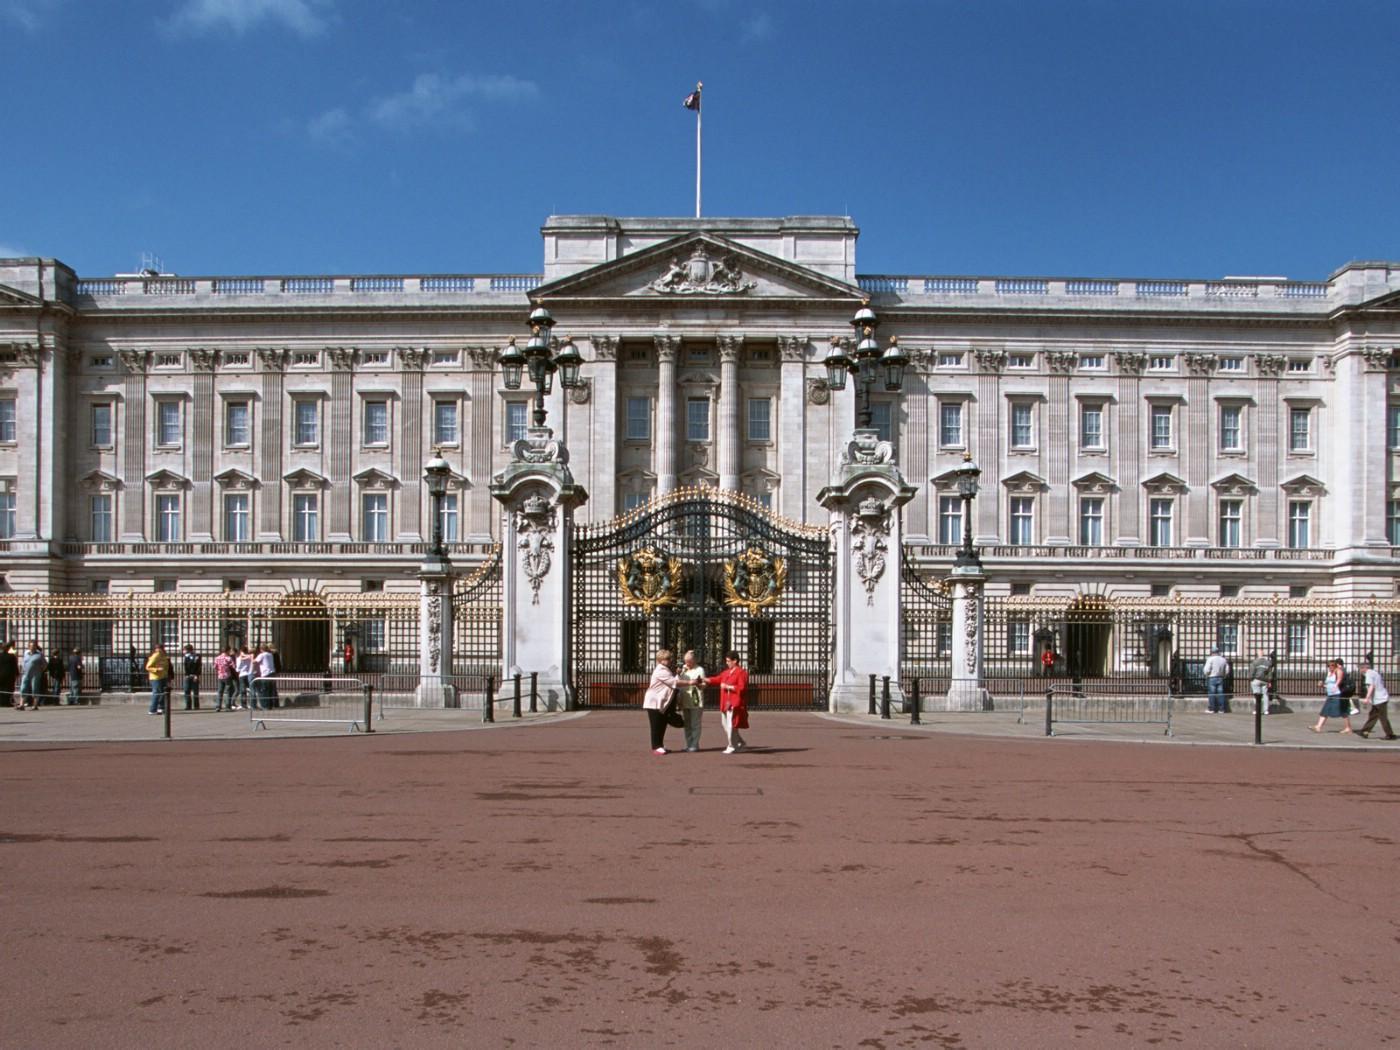 伦敦城市风景图图片下载